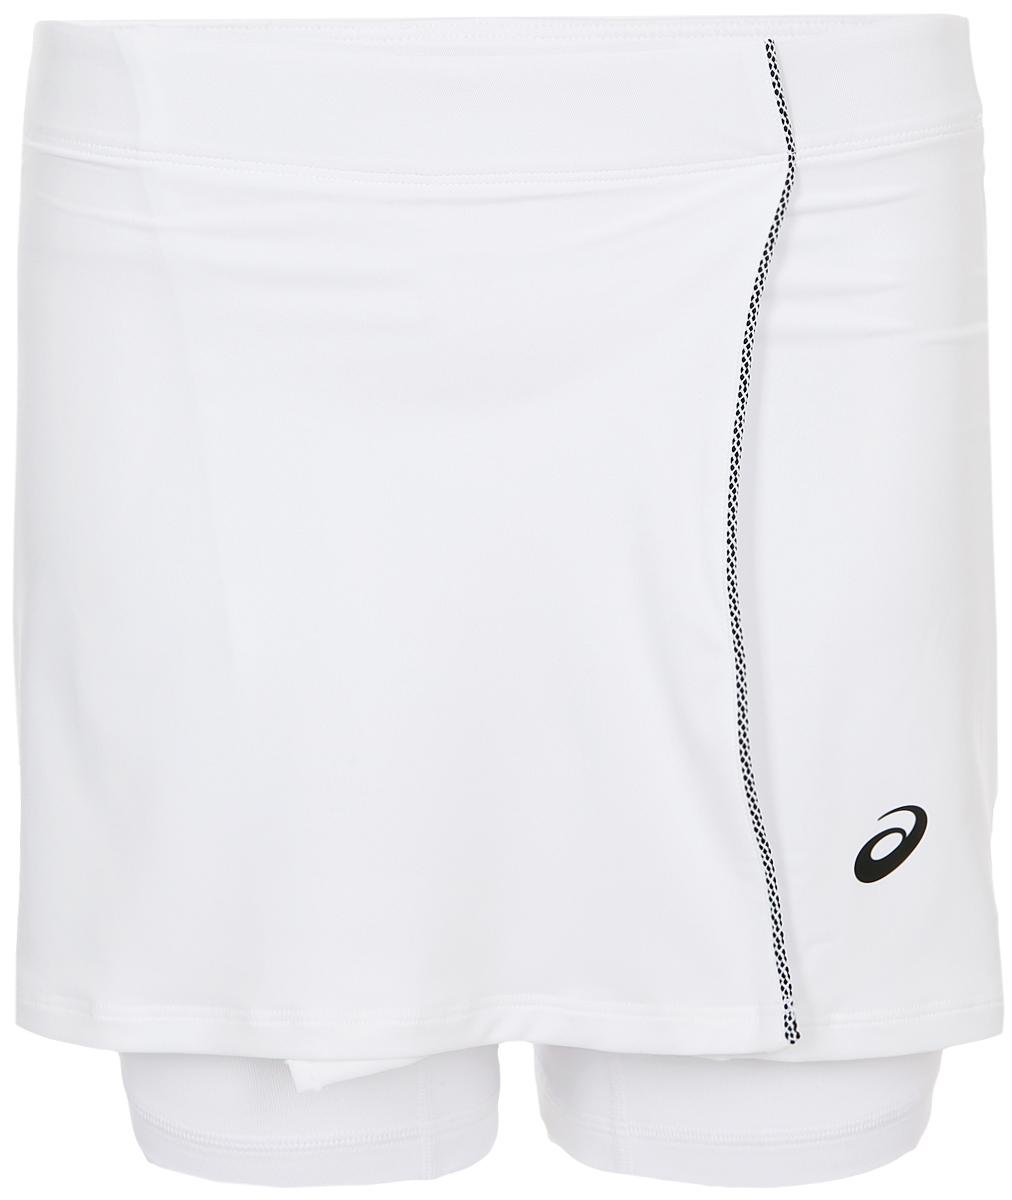 Юбка Asics Skort, цвет: белый. 154422-0014. Размер XS (42)154422-0014Мини-юбка для тенниса от Asics с внутренними шортами выполнена из полиэстера с добавлением спандекса. Модель с эластичной резинкой на талии.